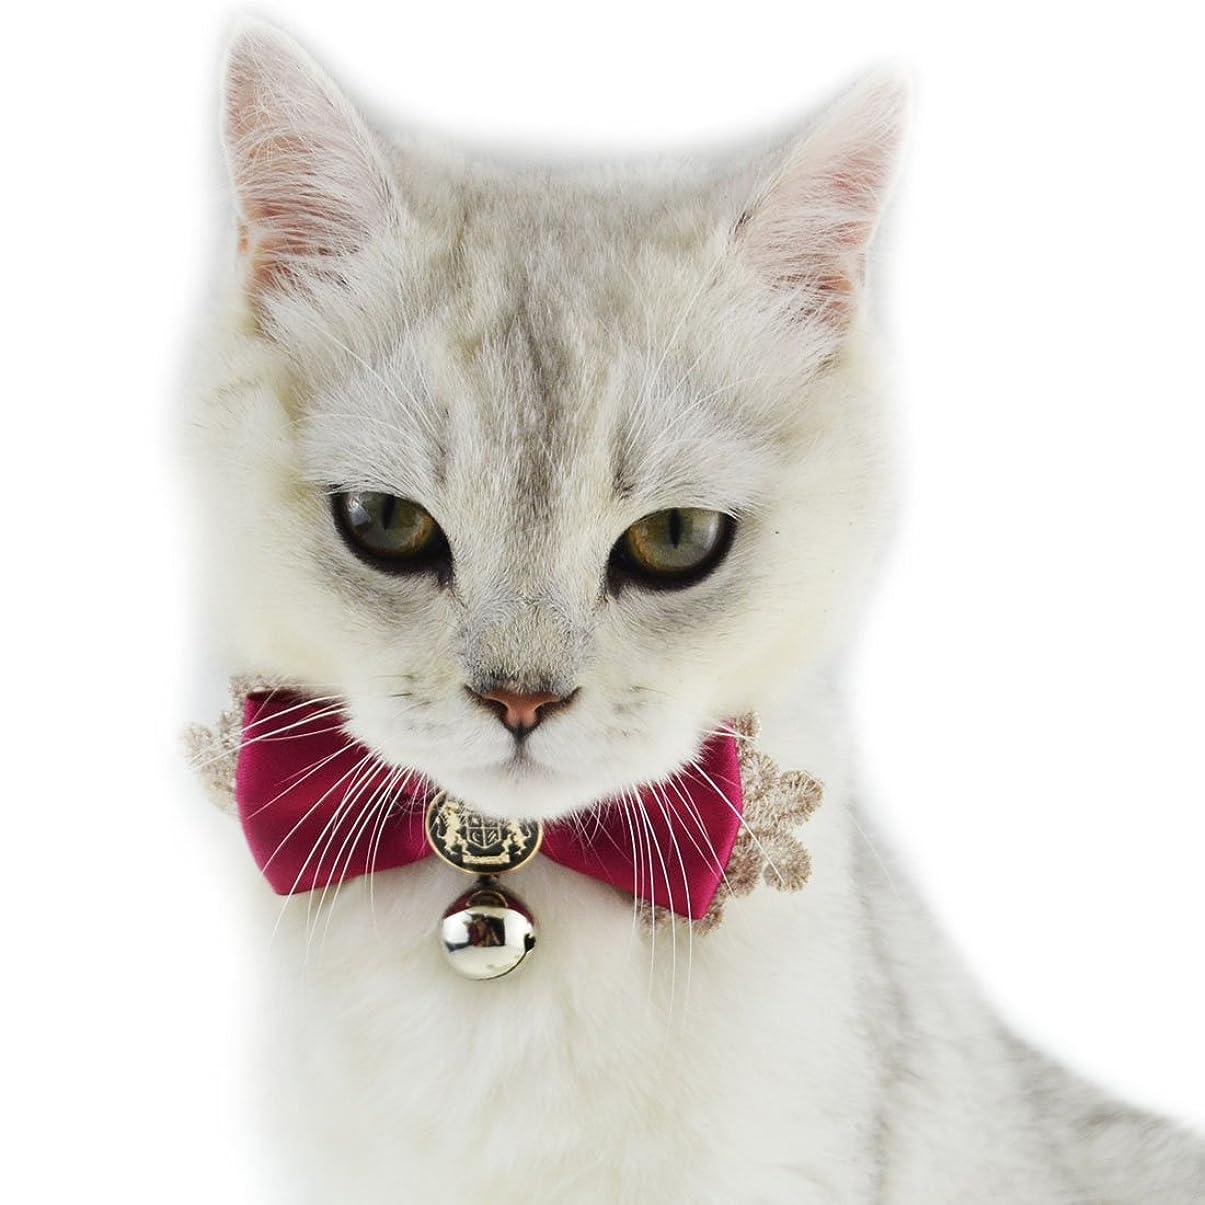 魅力的であることへのアピールインタネットを見るシェア猫 首輪 リボン ネコ 首輪 猫 首輪 リボン 首飾り リボン付け襟 レース 柔らかい皮 猫くびわ 鈴つき 貴族風ちょう結び猫用首輪 調節可能 【子猫首輪/子犬首輪/うさぎ/小中型ペット 首輪 (S, レッド) [並行輸入品]